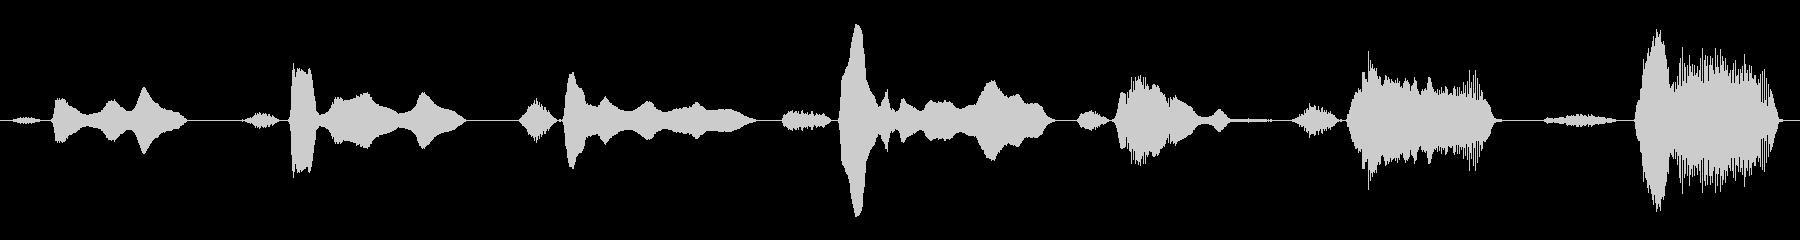 成人男性:怖い神経Ne音の未再生の波形